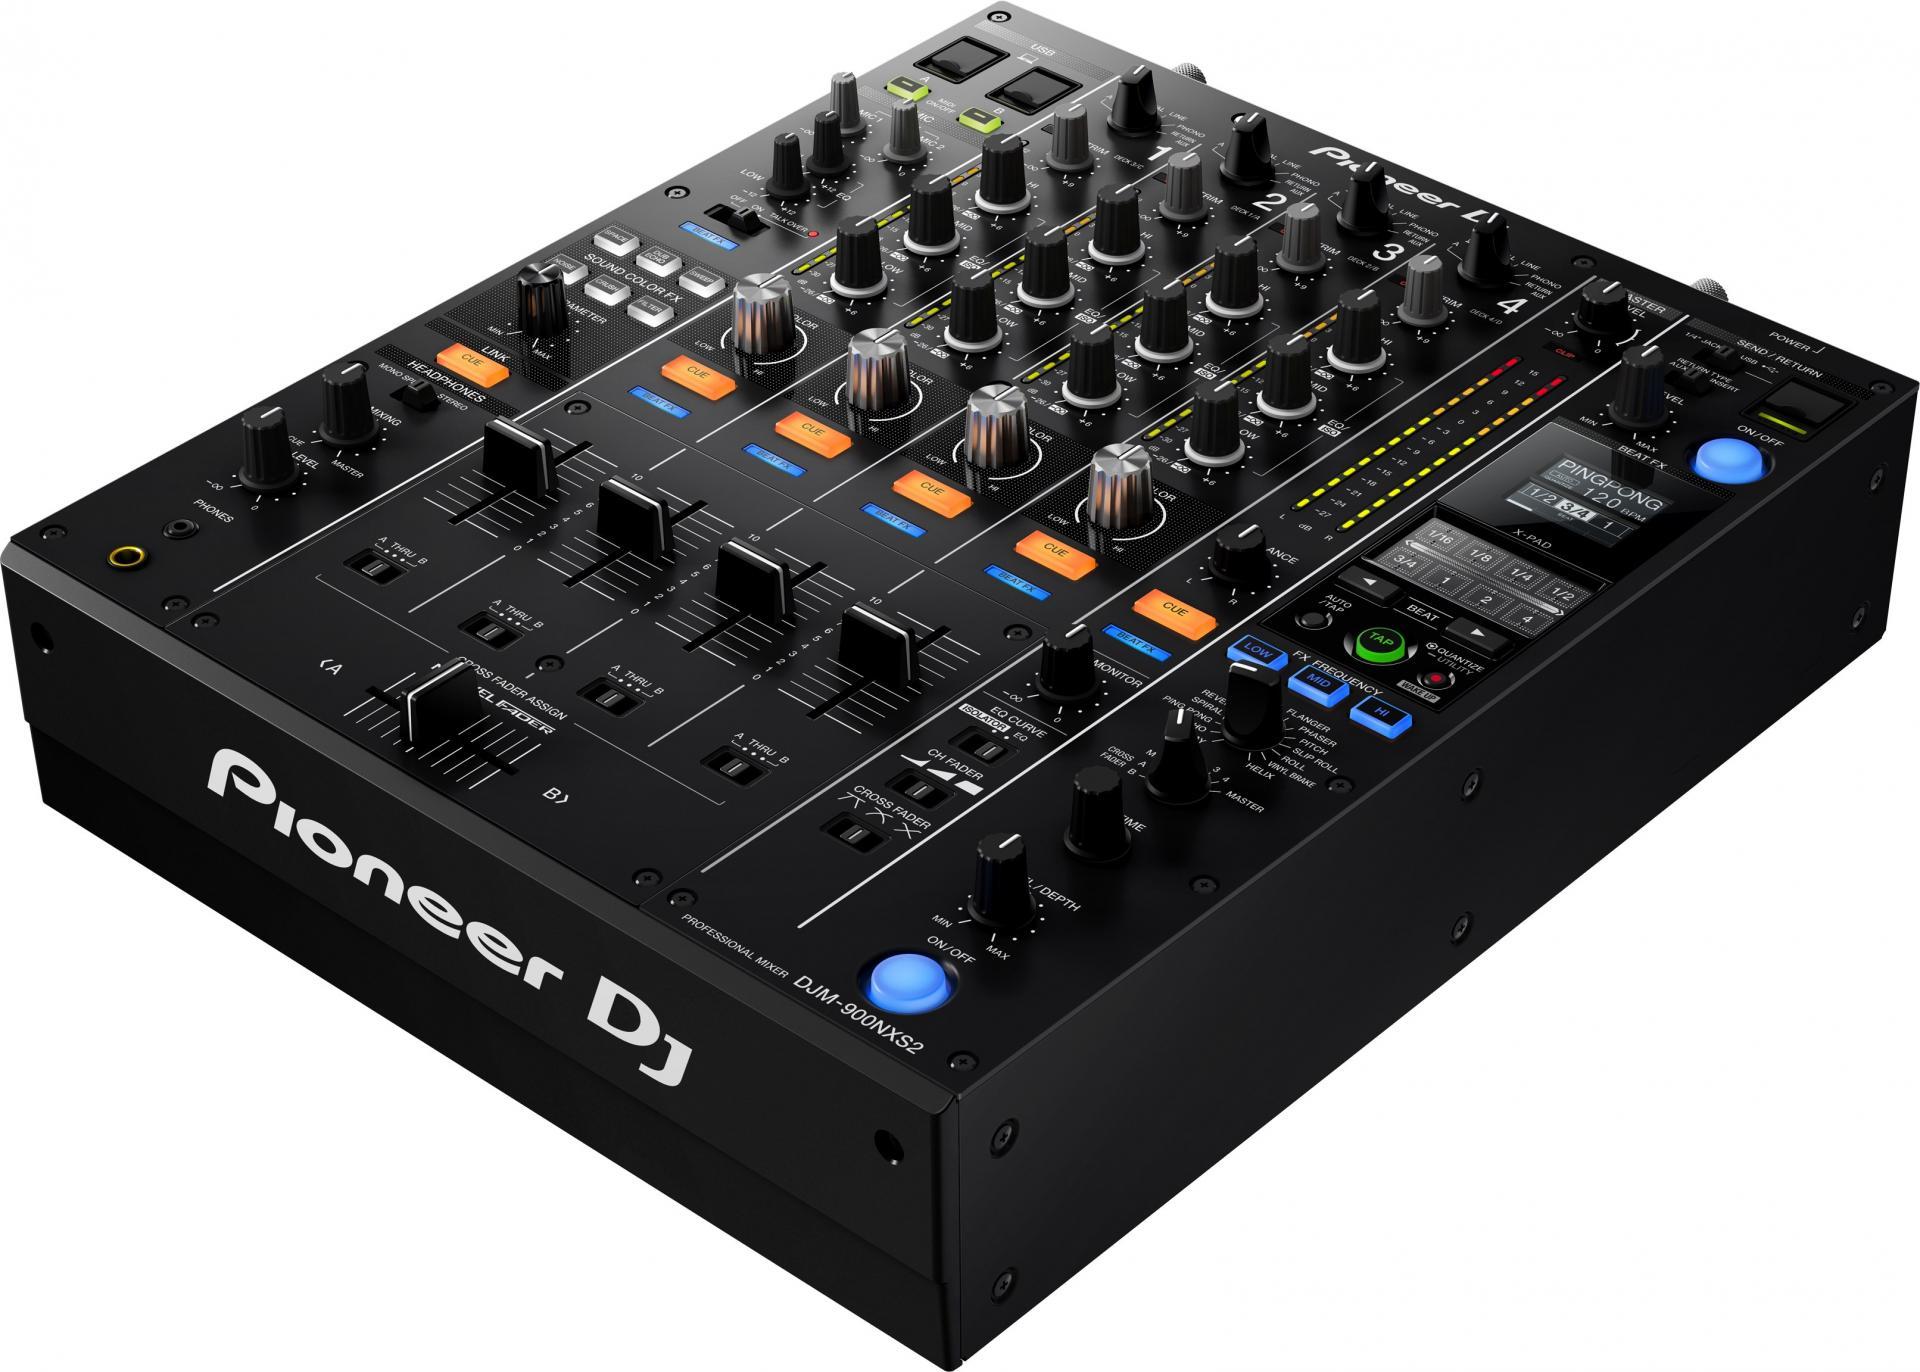 先锋DJM-900NXS2混音台